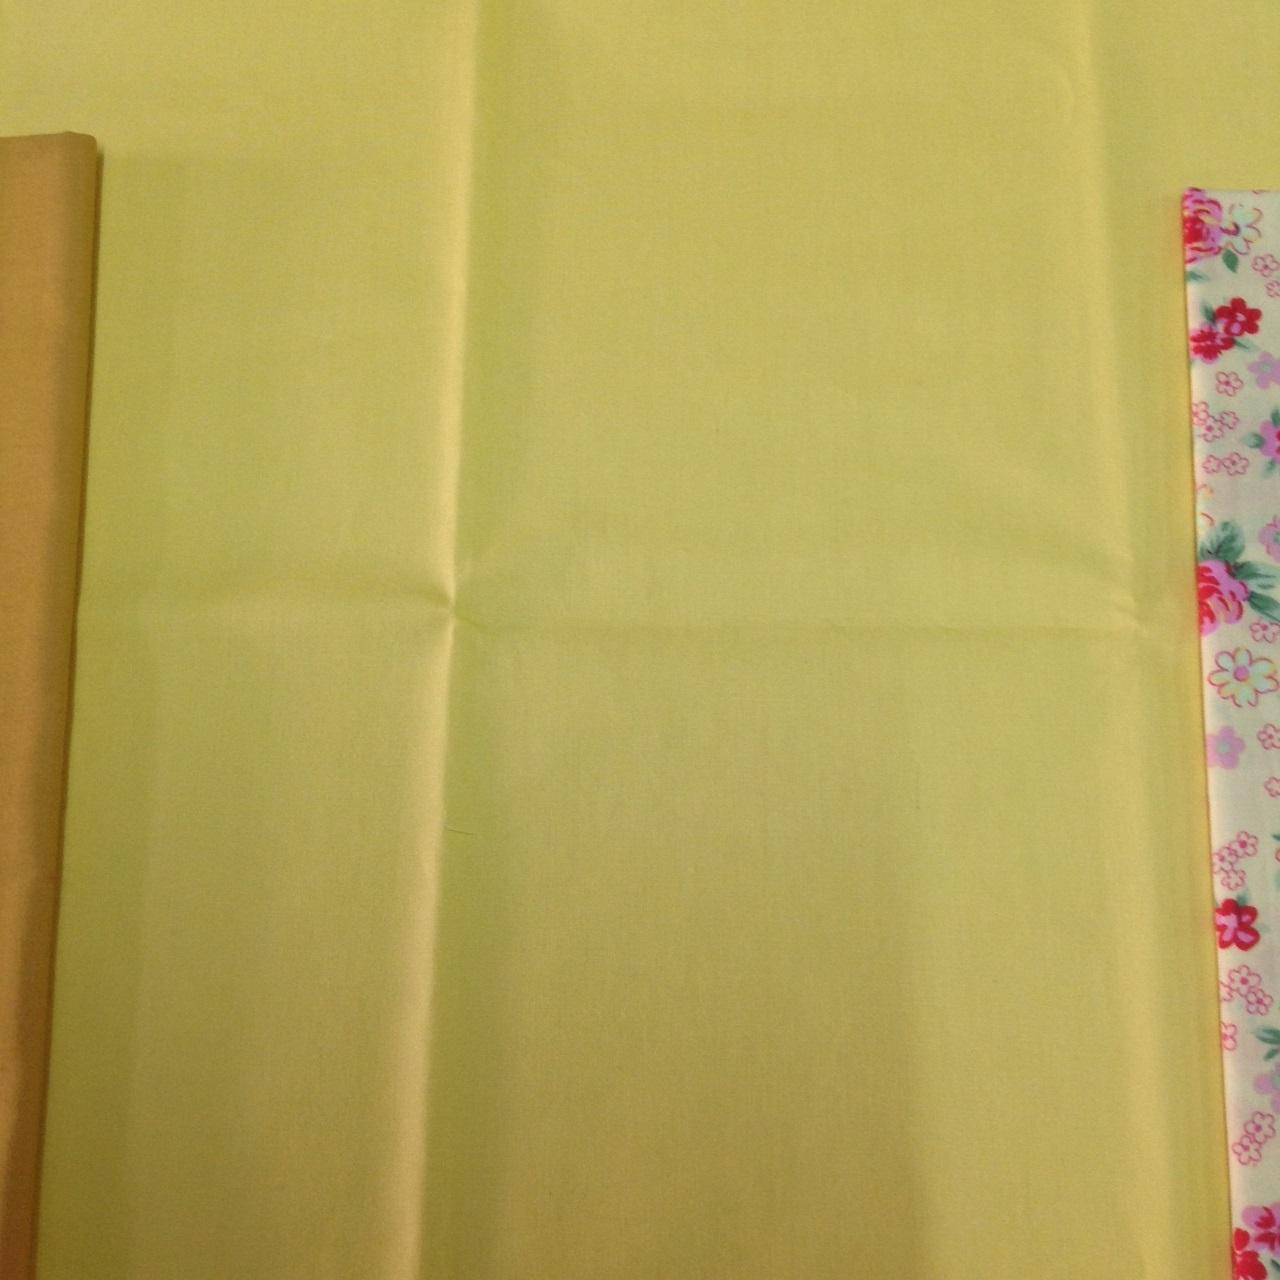 ผ้าฝ้าย cotton 100% สีเหลืองสด